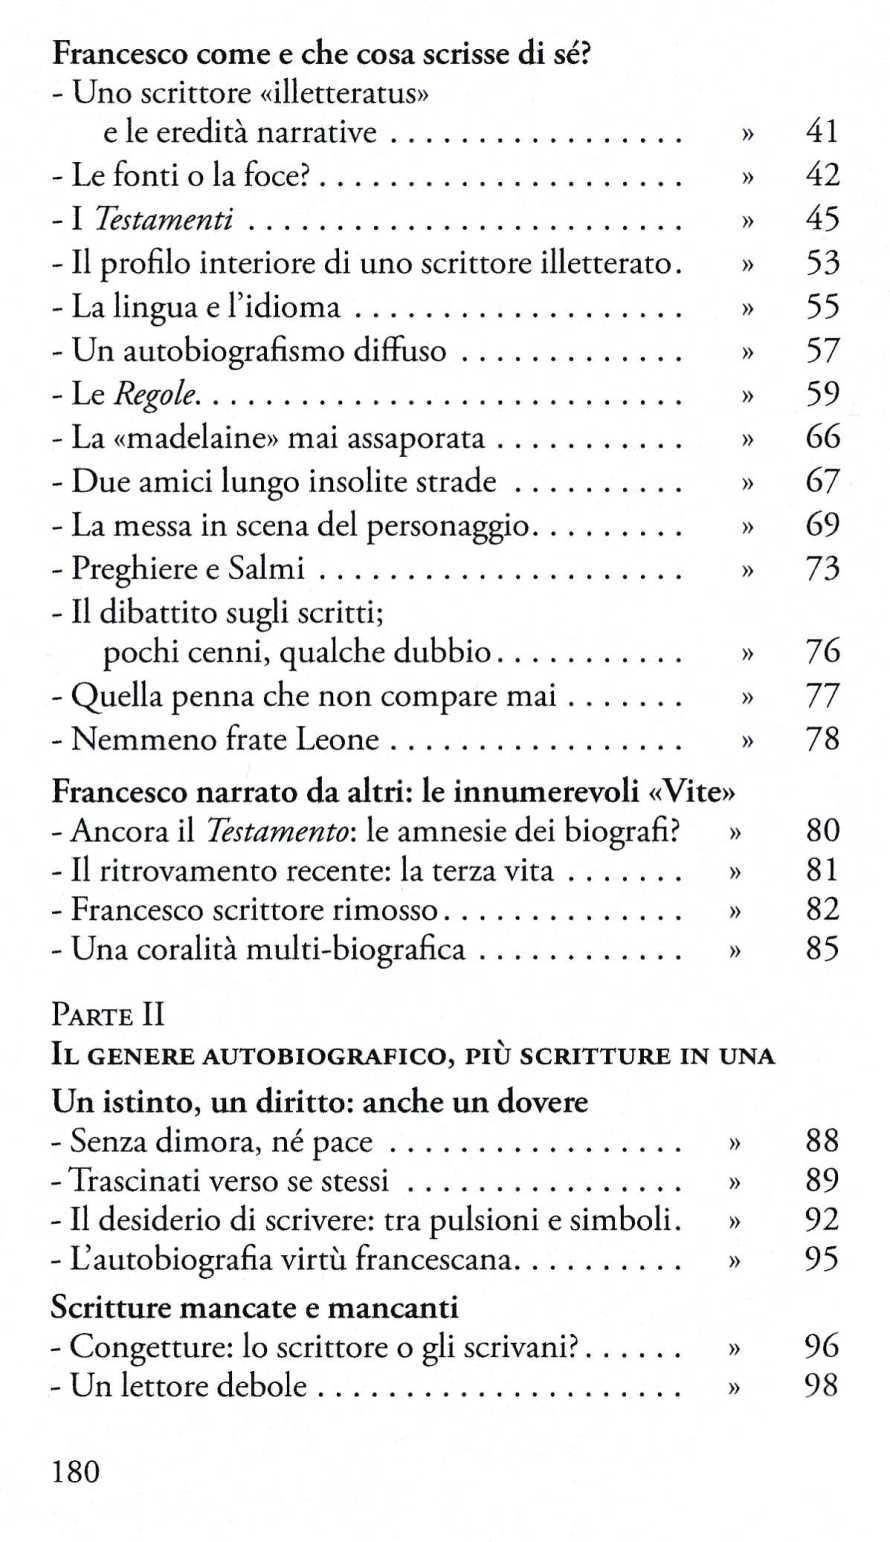 demetrio513